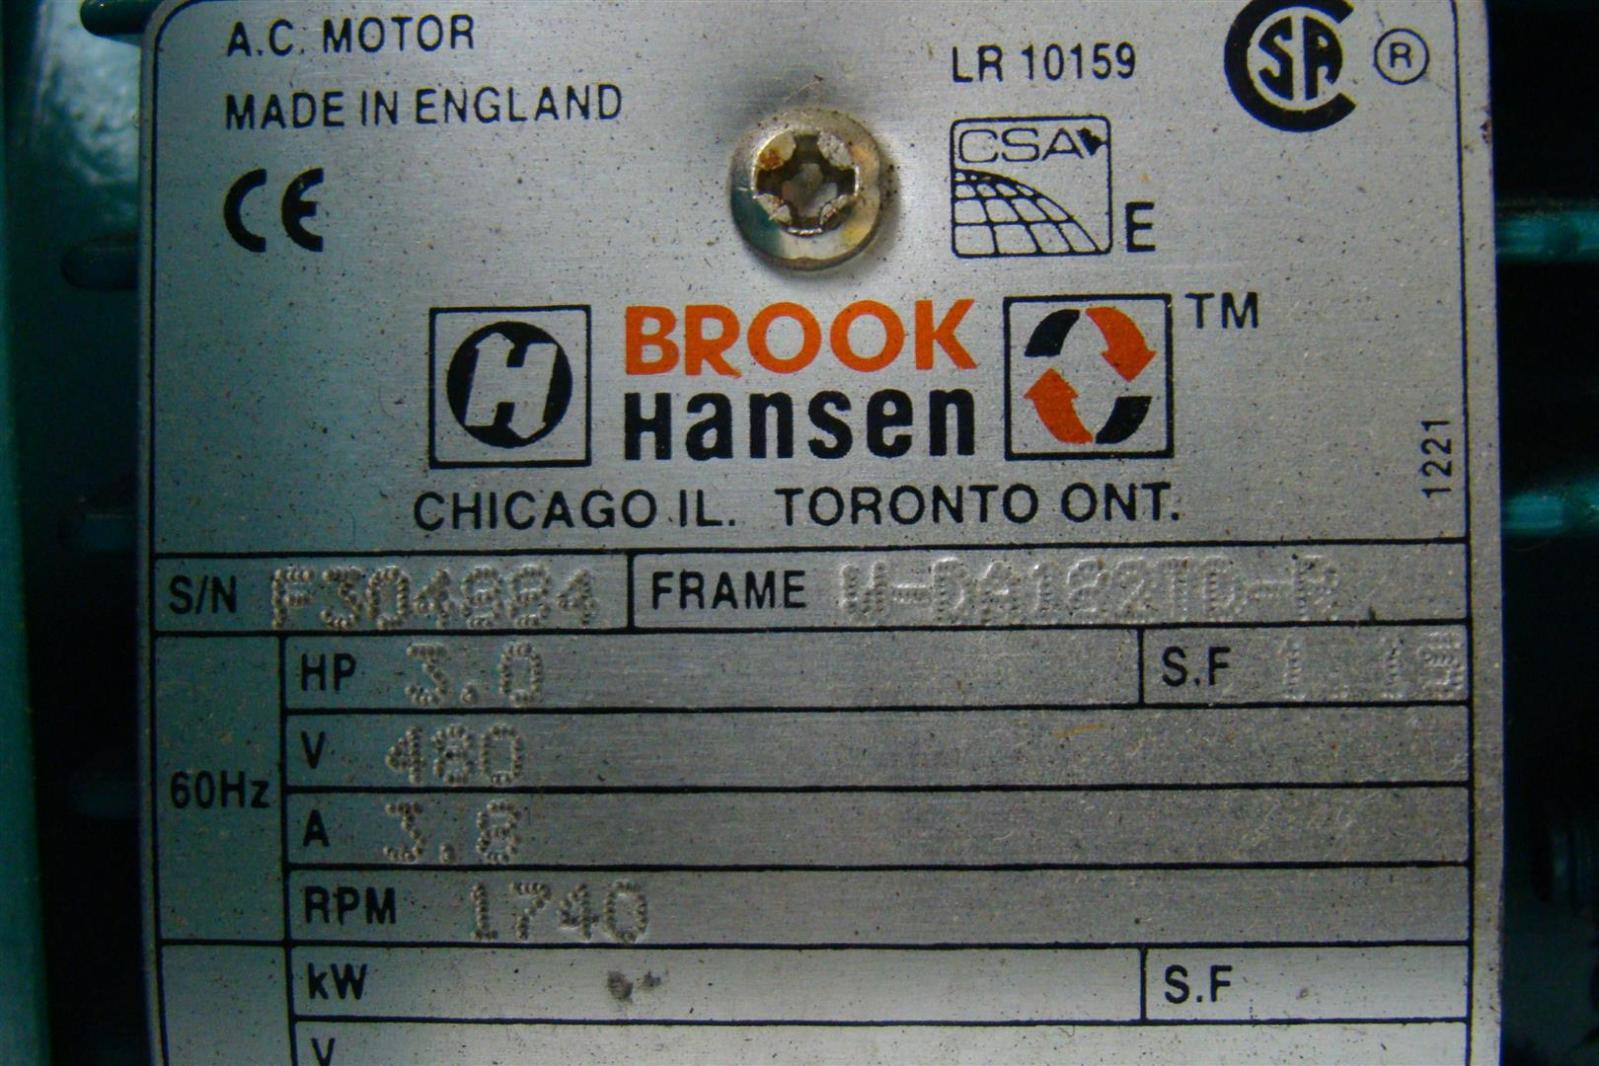 Brook Hansen F304884 W Da122id R 3 0hp Hydraulic Pump 480v